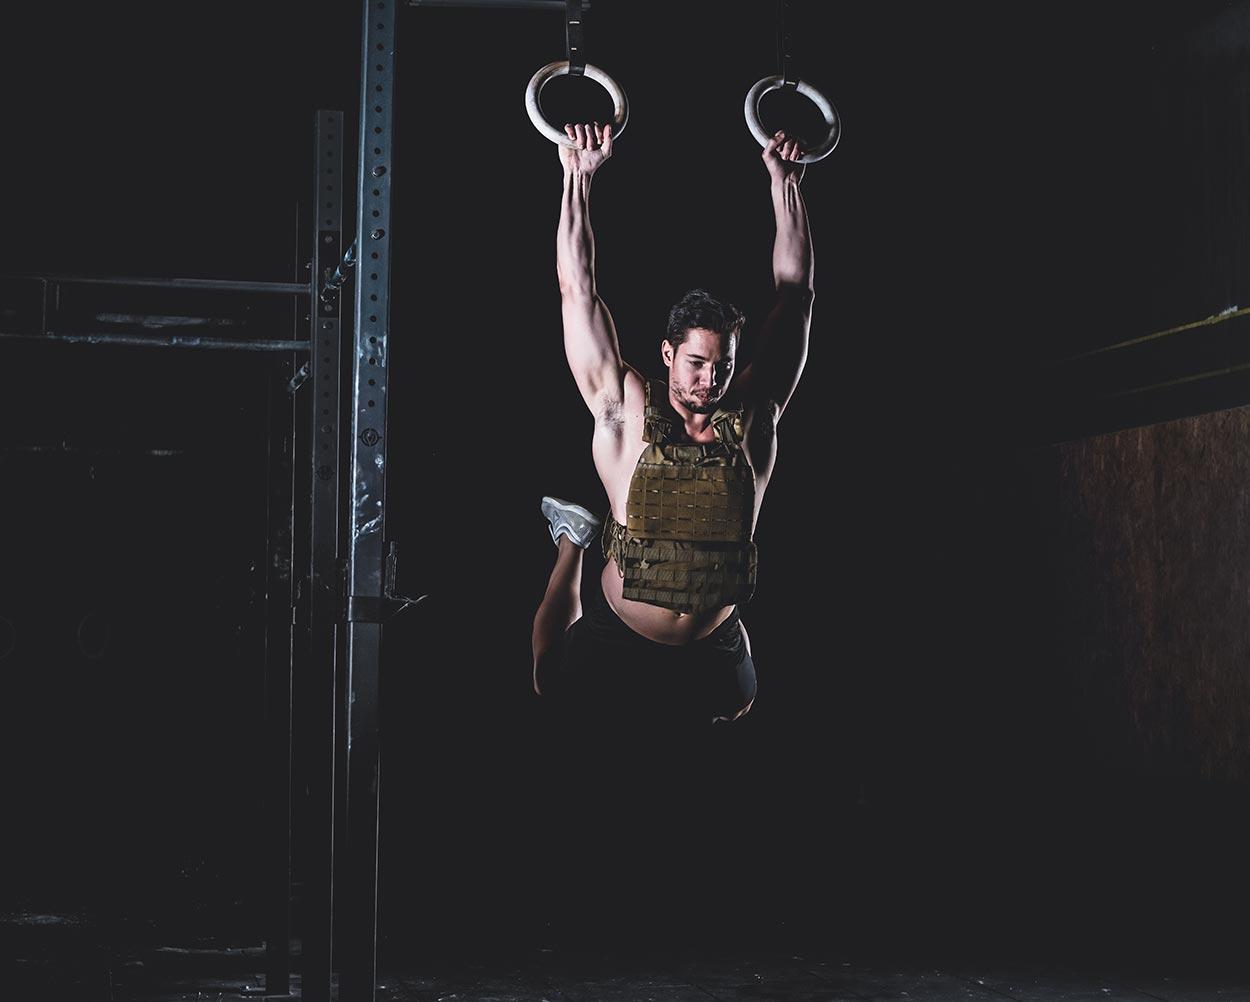 sesión de fotos deportivas de hombre musculoso colgando de anillos de gimnasio